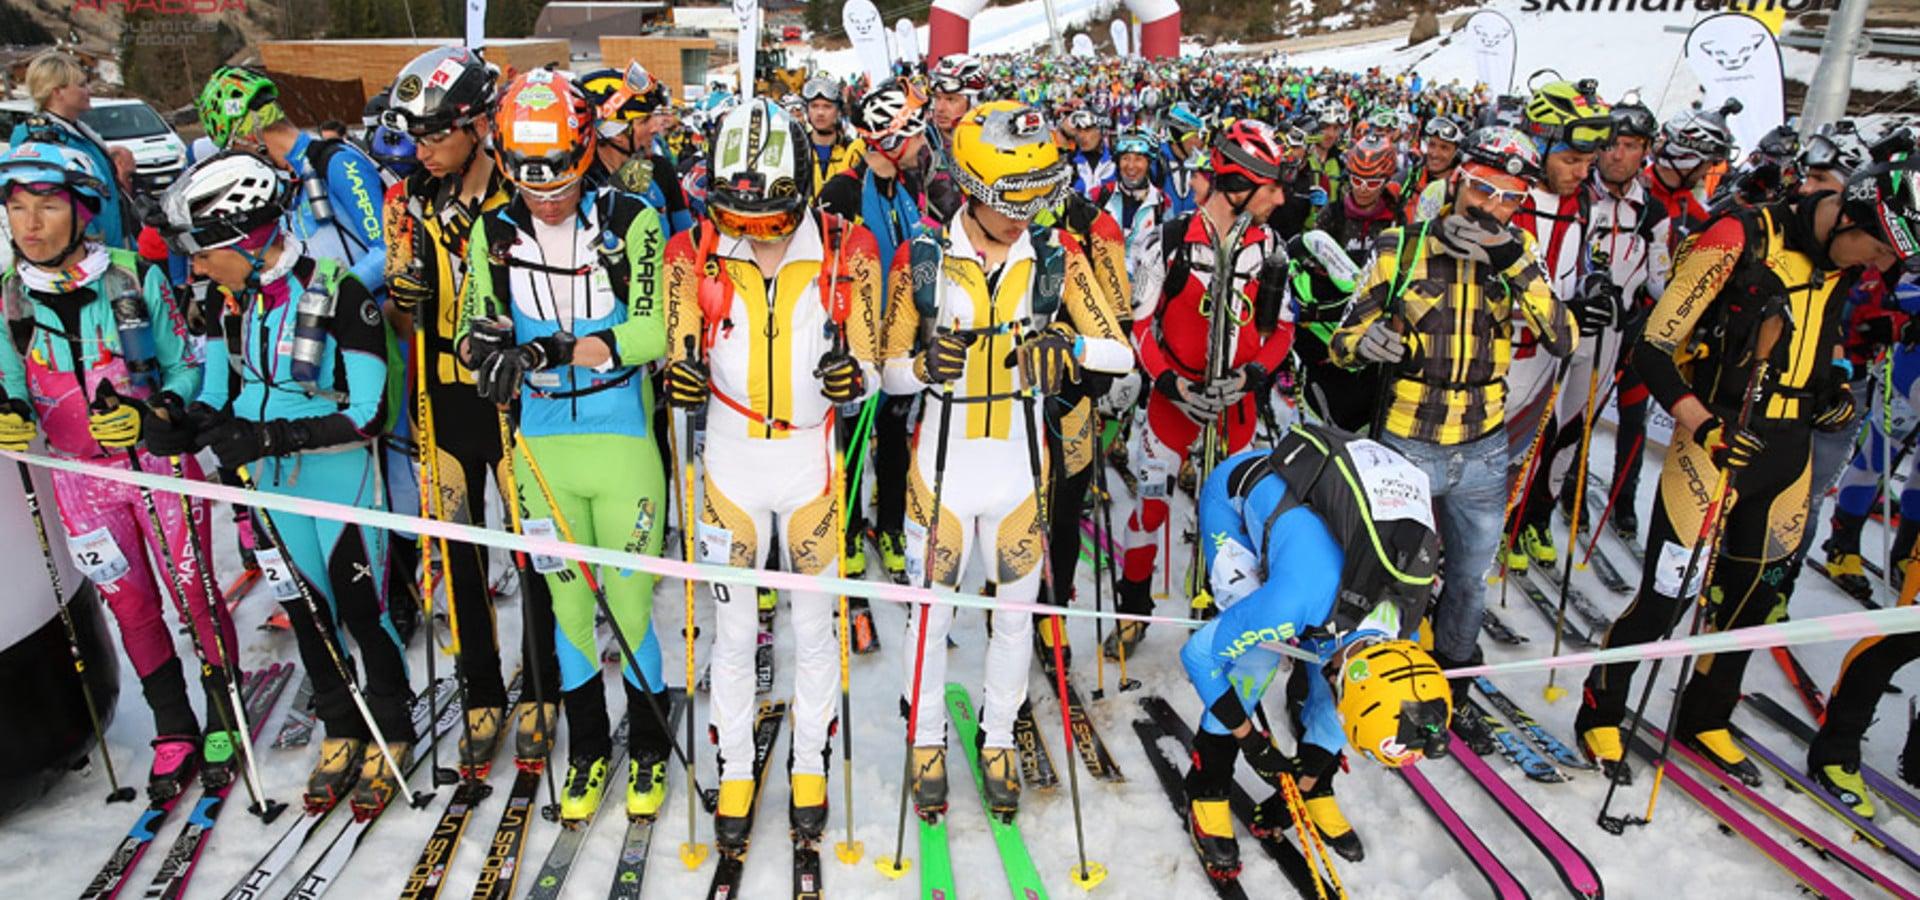 Morgen startet die 23. Auflage des Sellaronda Skimarathons.